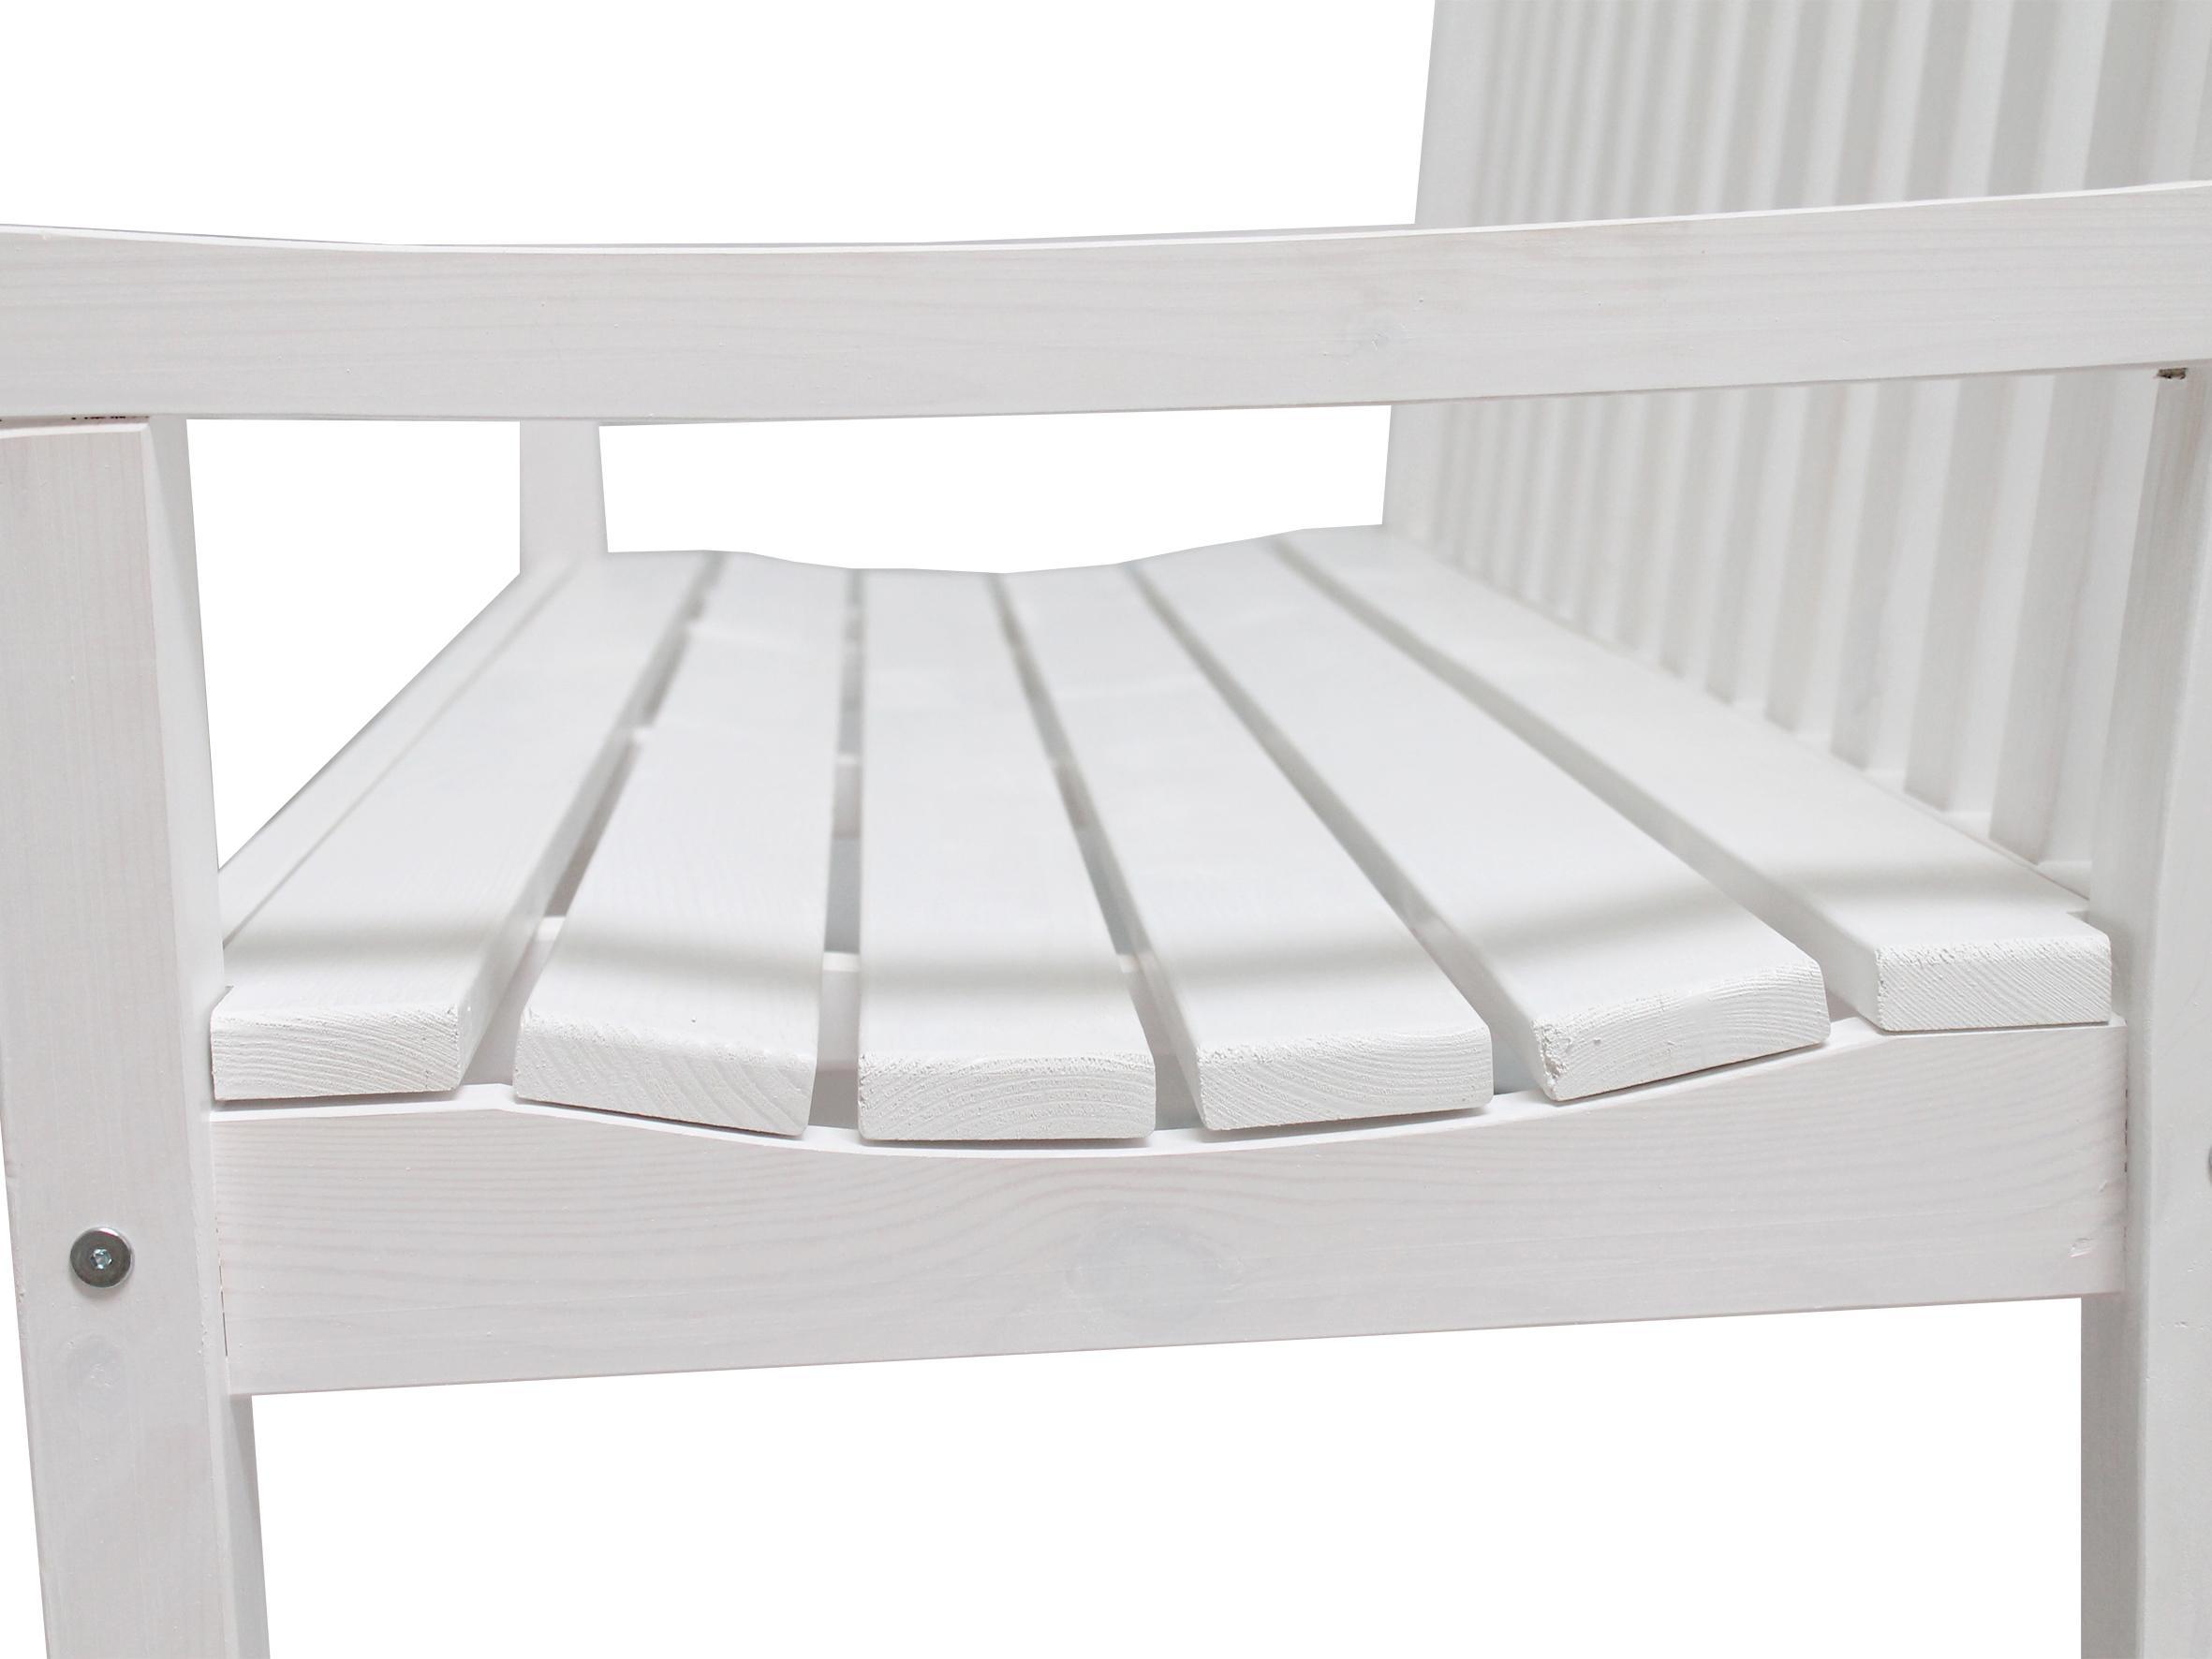 Frisch Gartenbank Kunststoff Weiß Design